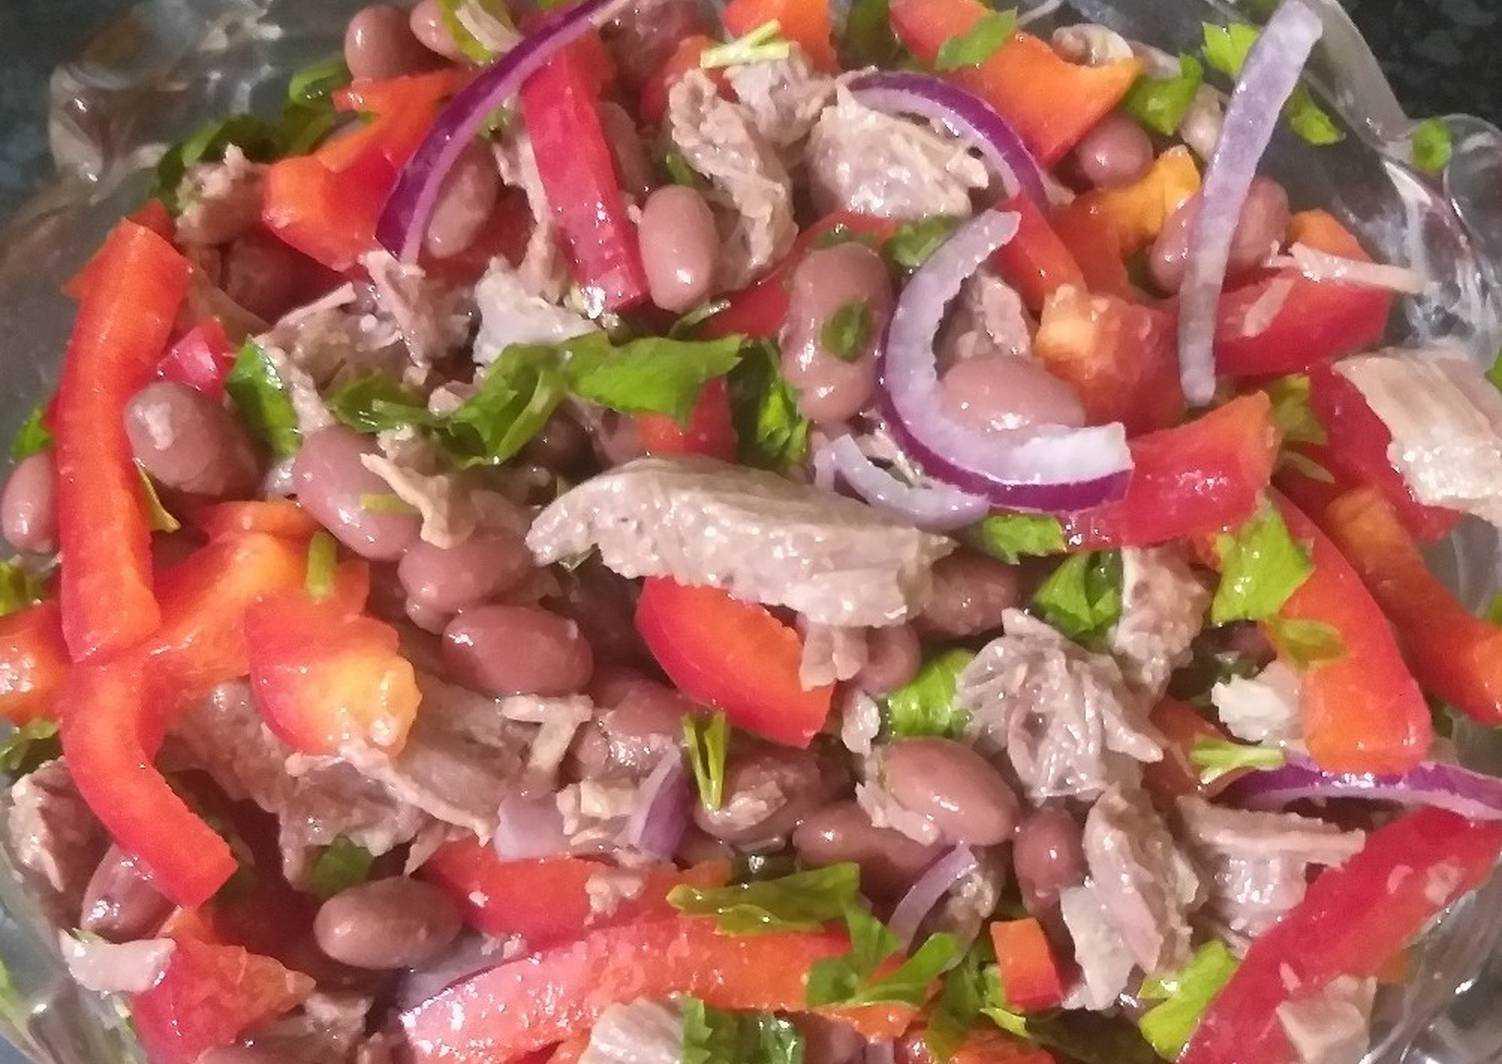 Салат тбилиси говядина красная фасоль болгарский перец